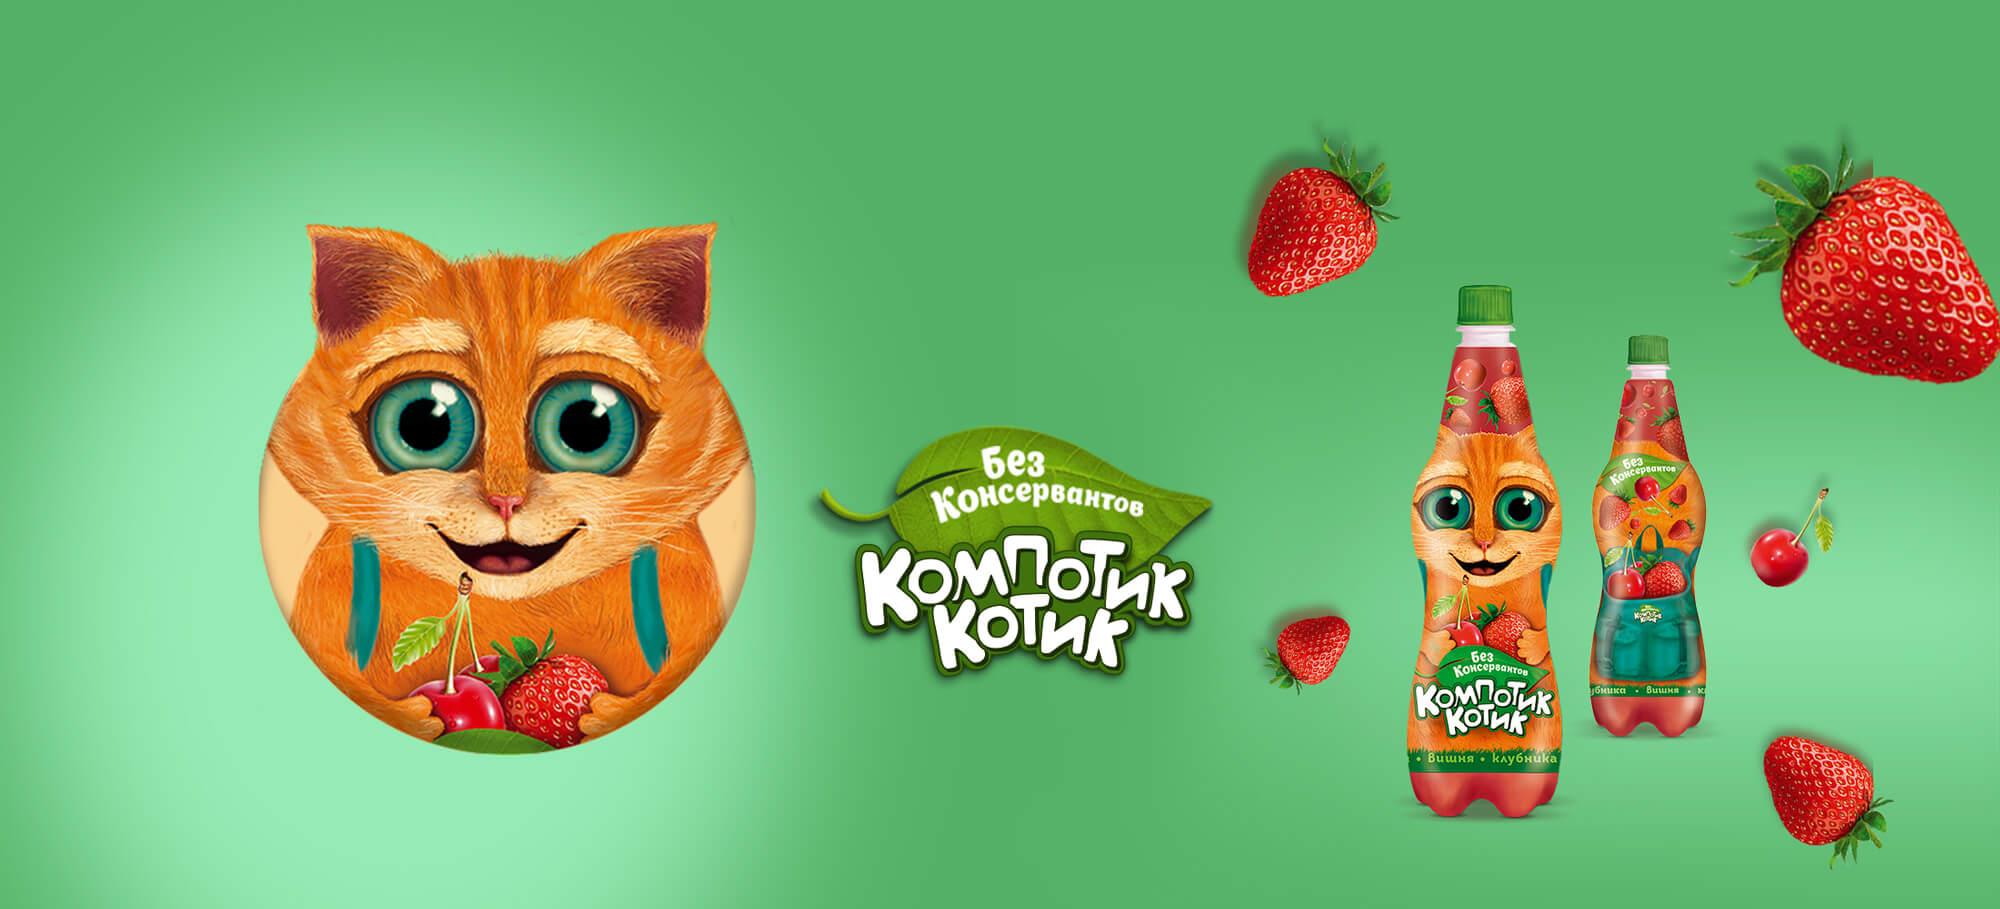 Авторская иллюстрация персонажа «Компотик-Котик», разработанная для дизайна упаковки детского компота